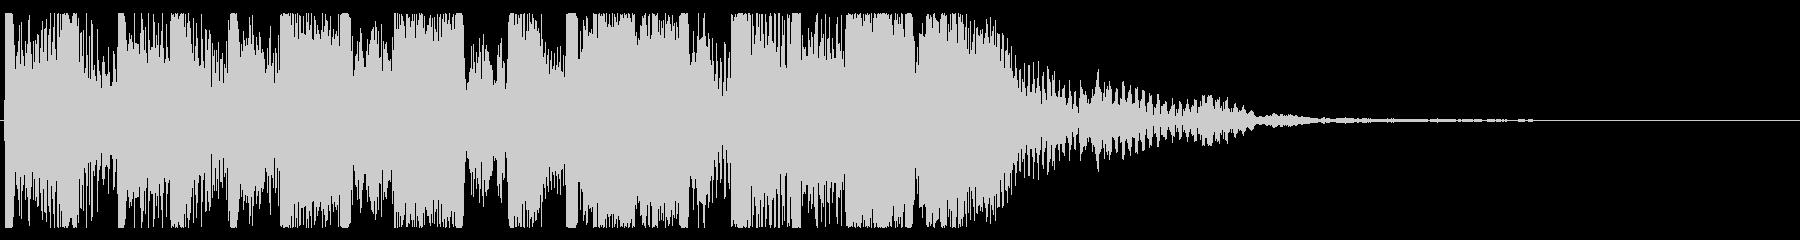 元気 楽しい スカロック ジングル④の未再生の波形